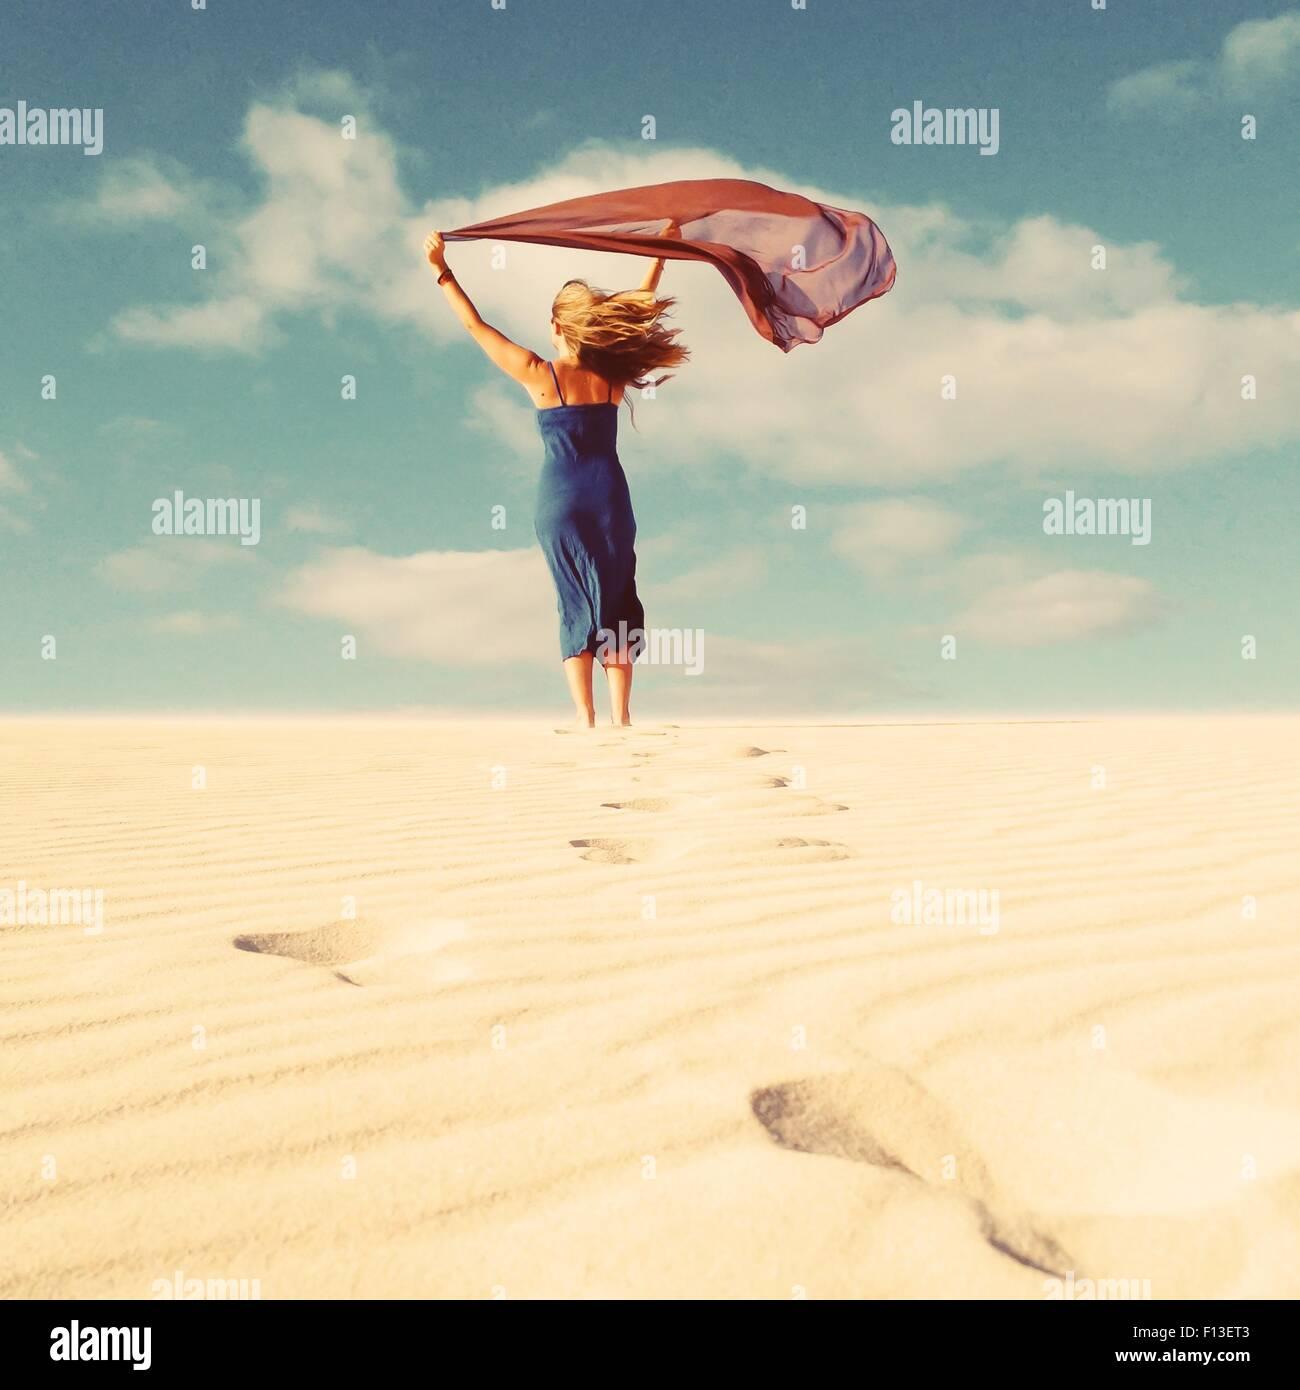 Rückansicht einer Frau mit einem Schal, der im Wind weht Stockbild